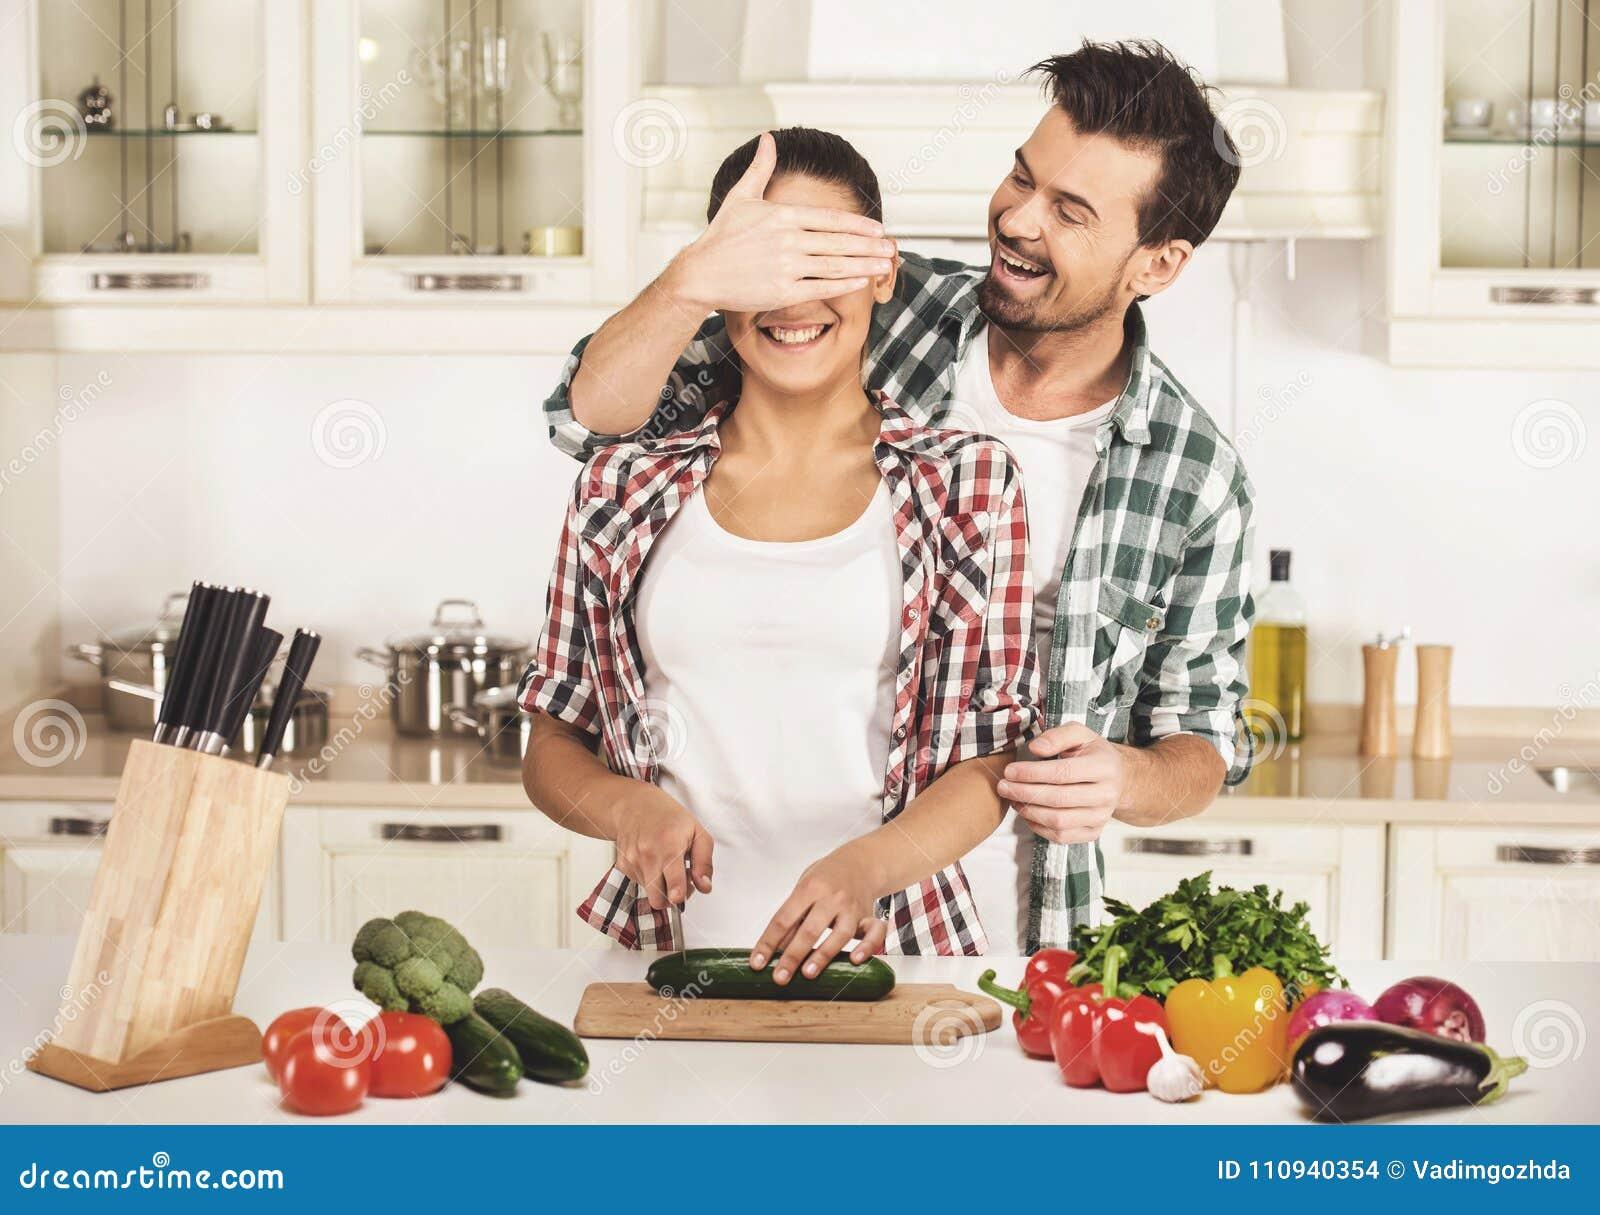 De jonge vrouw en de echtgenoot koken met verse groenten De echtgenoot sluit haar ogenhand